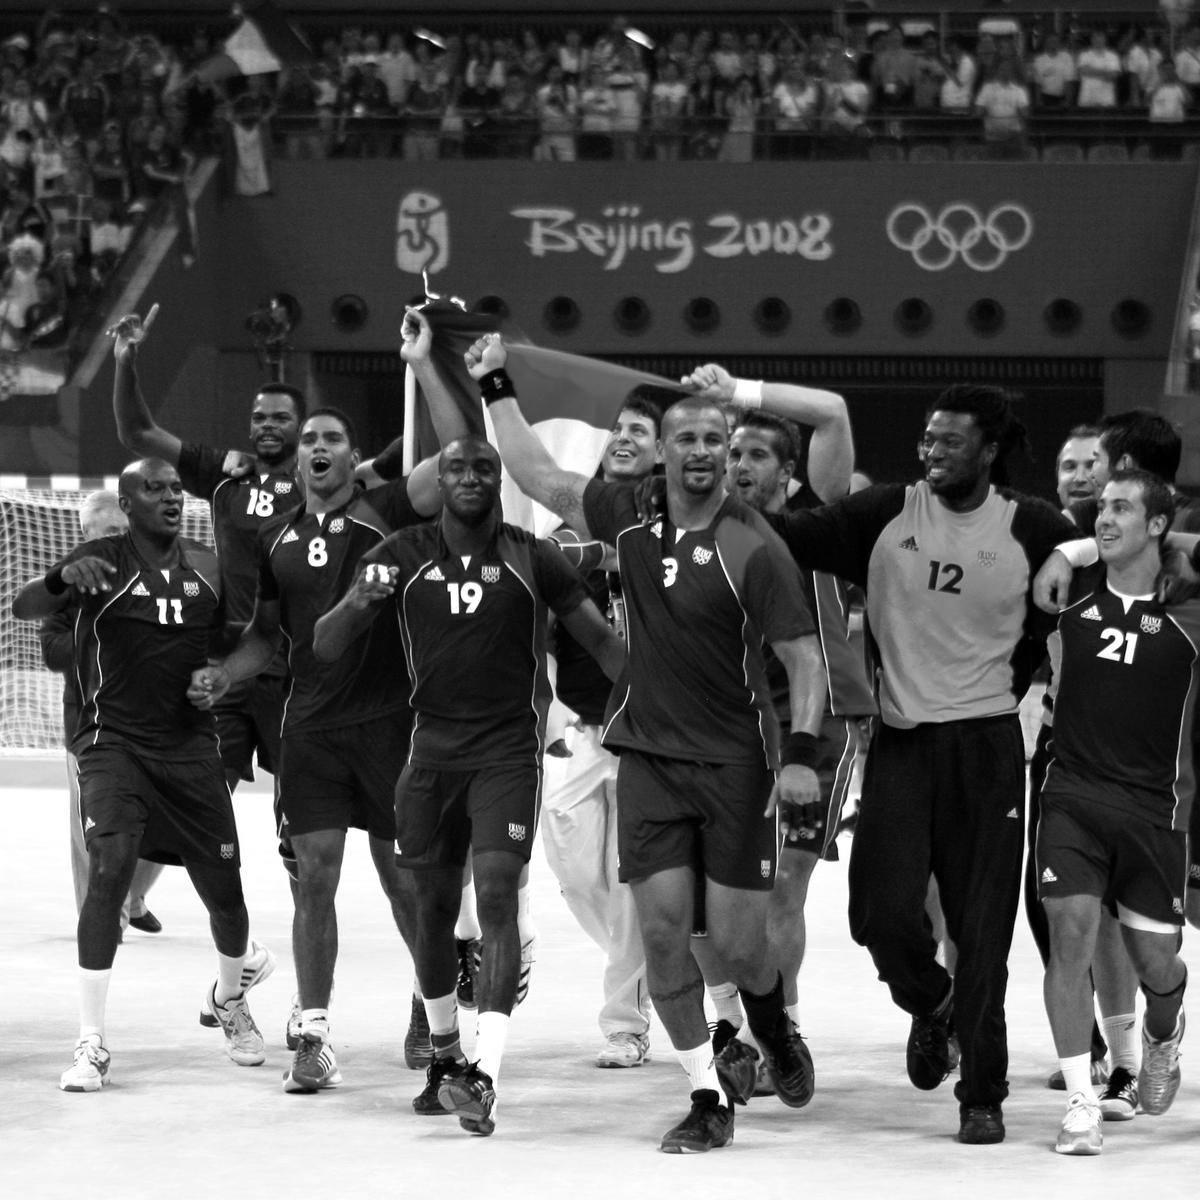 """Le sacre olympique de 2008 vu de l'intérieur 🥇🇫🇷   📻 Episode 7⃣ de notre série de podcasts """"Les grandes histoires du handball""""  ➡ https://t.co/l5t99tjUxu  #BleuetFier https://t.co/LG0zdRgKFp"""